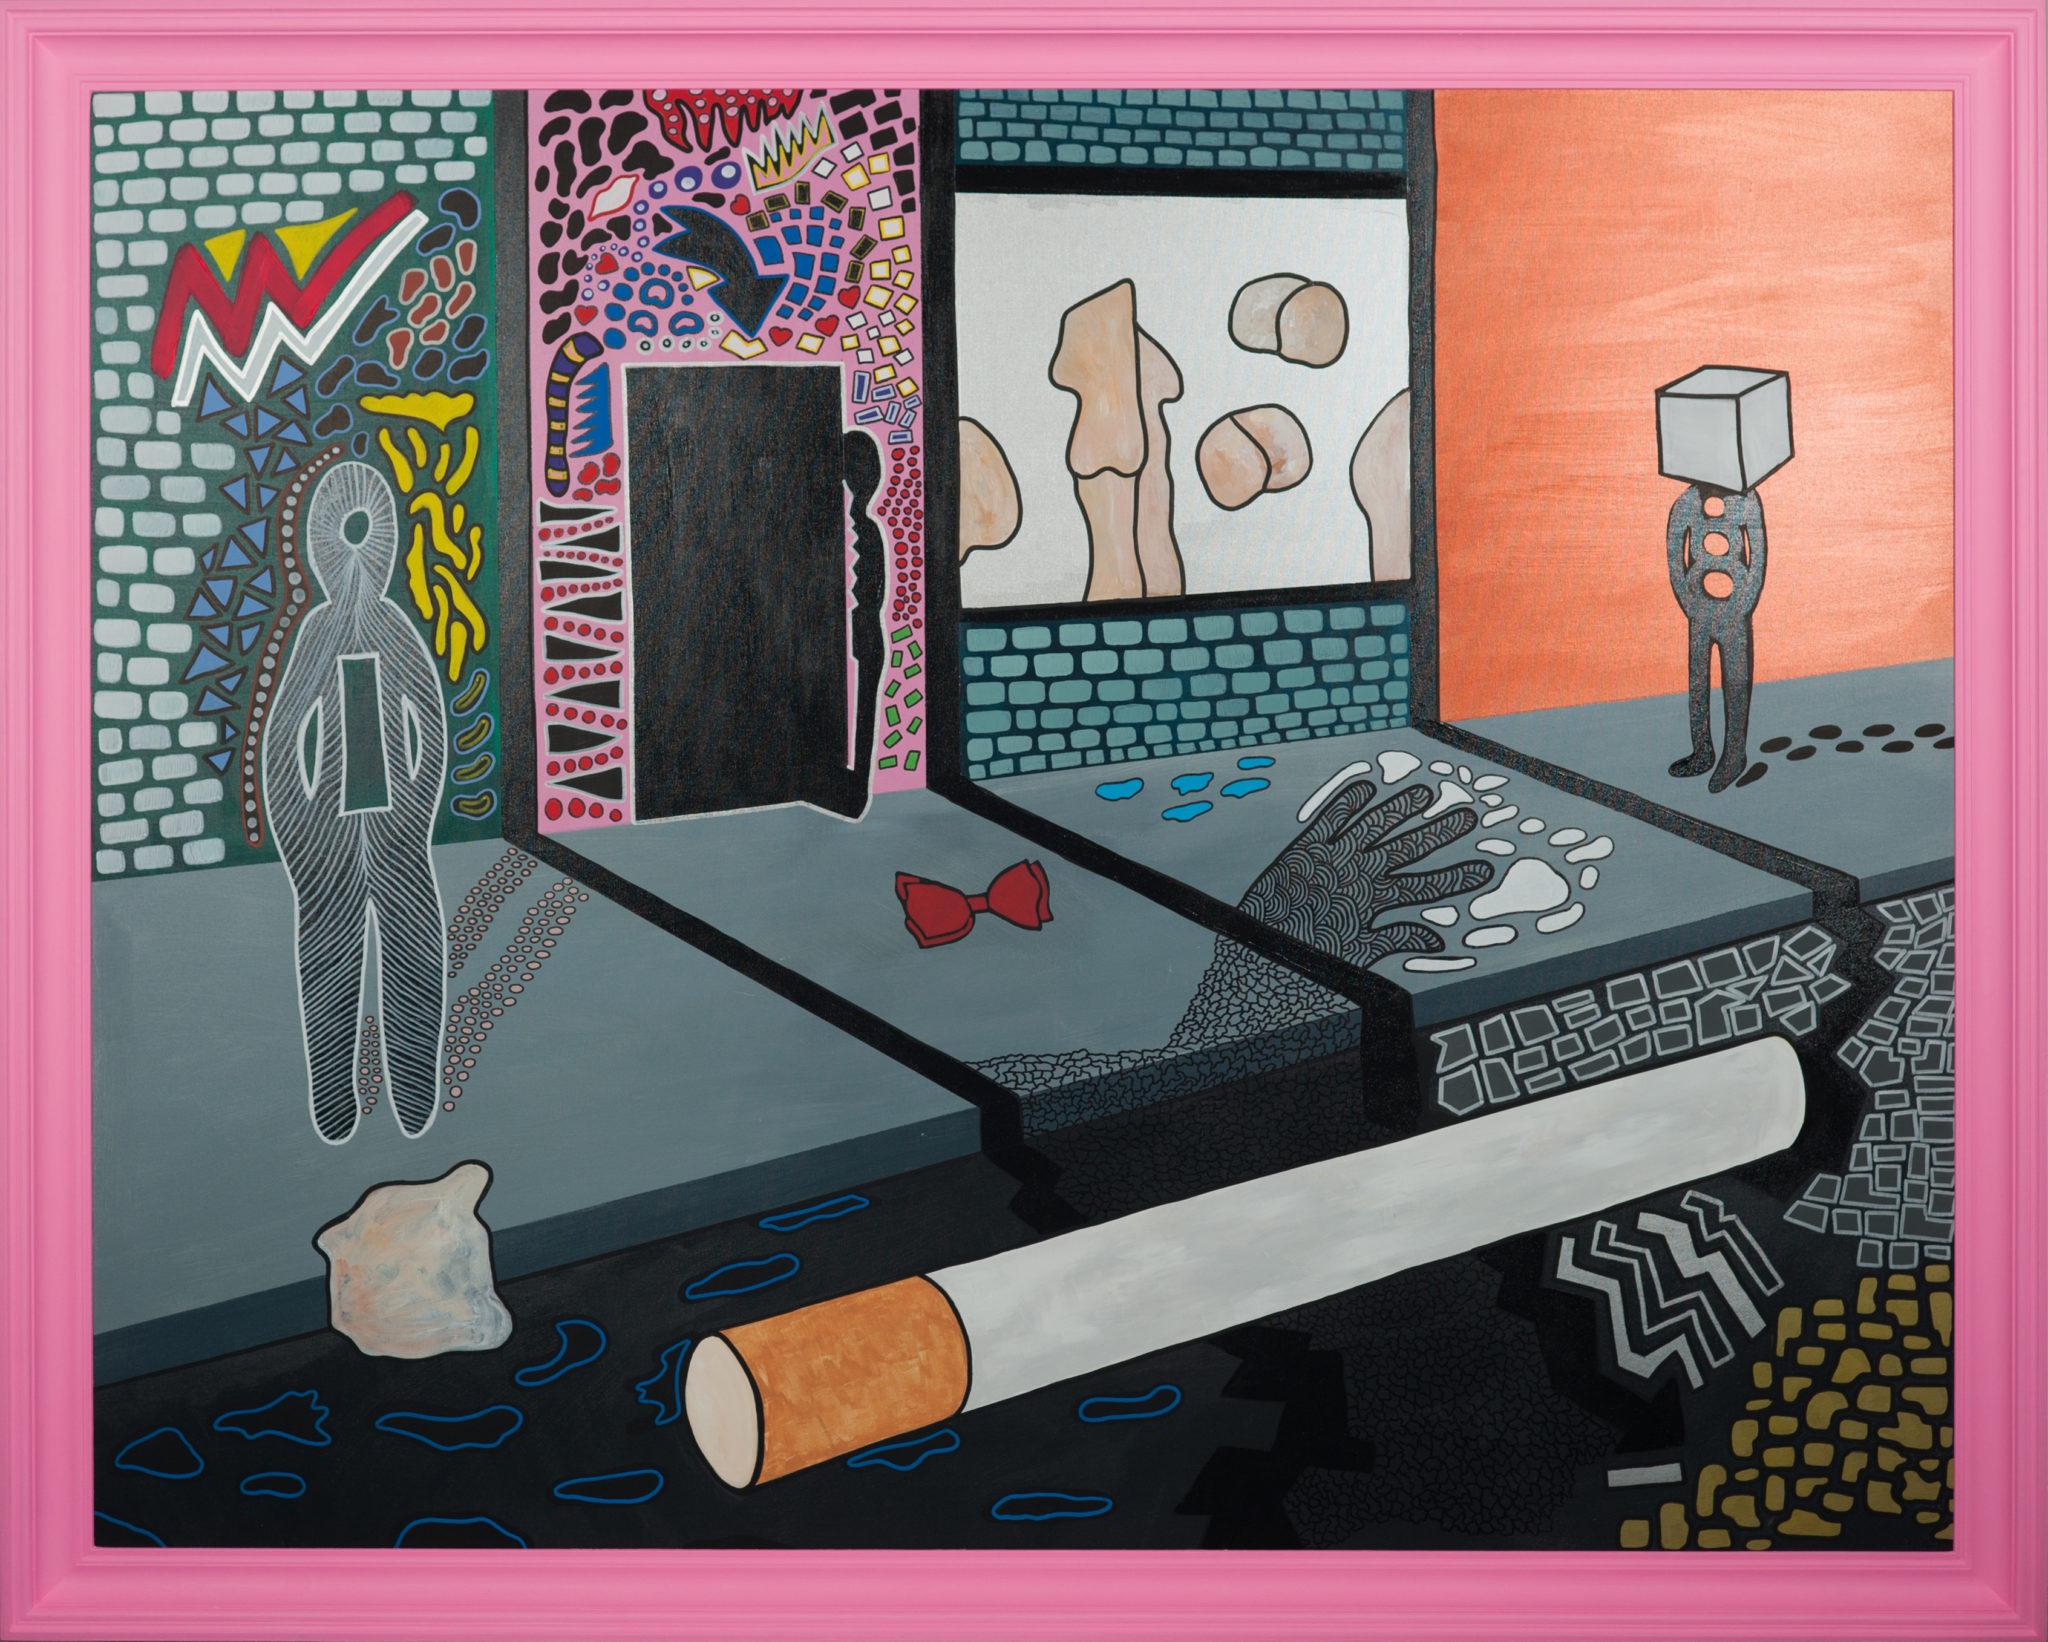 Surrealistyczny obraz z dużym papierosem leżącym przy krawężniku